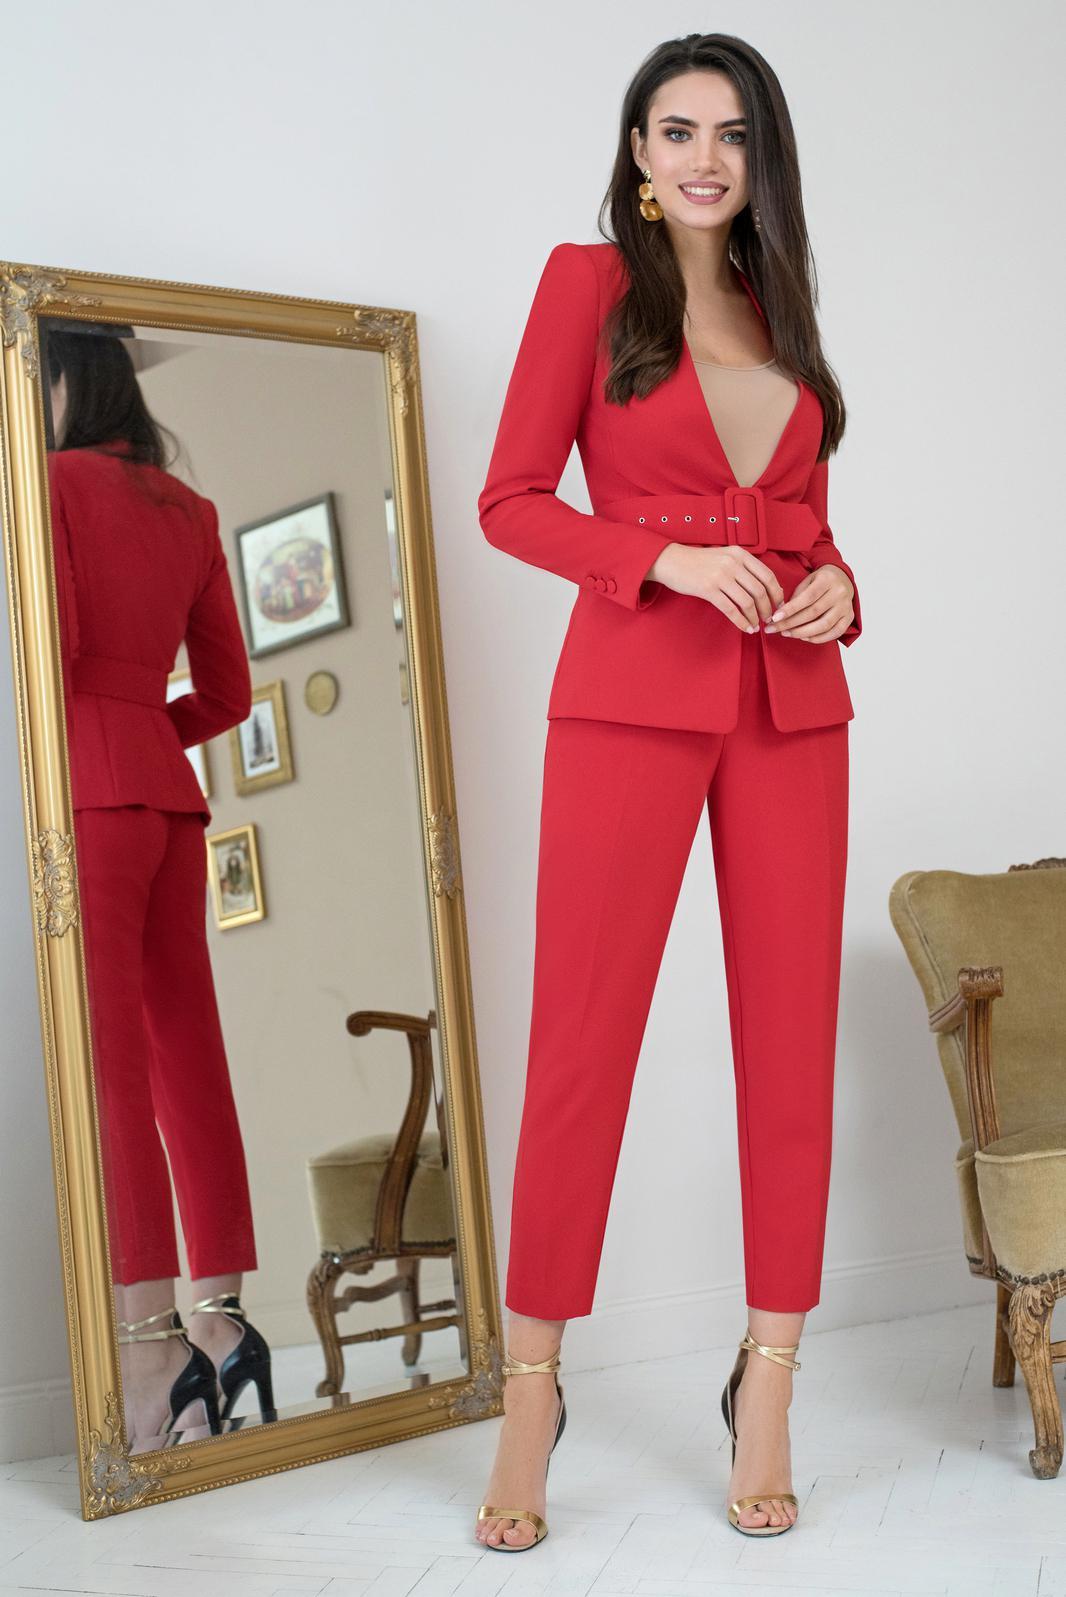 47cddbbc84e4 Модная женская одежда оптом и в розницу из Беларуси   Интернет ...